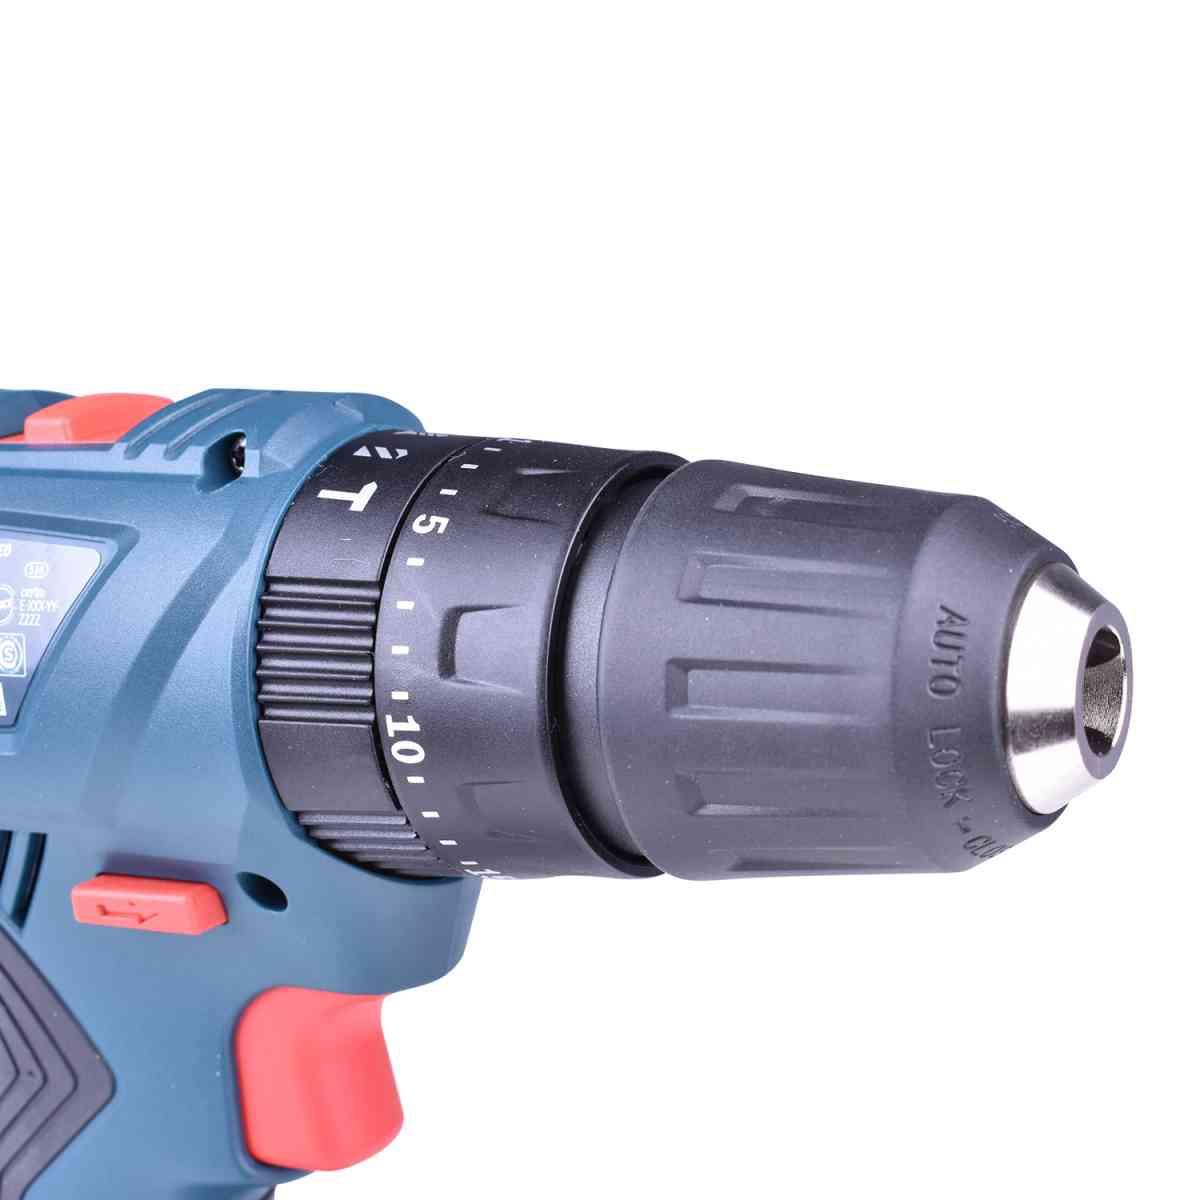 Parafusadeira / Furadeira de Impacto Gsb180-Li + Serra Sabre GSA18V-LI + Carregador com 2 Baterias 18V + Bolsa Ferramentas Bosch